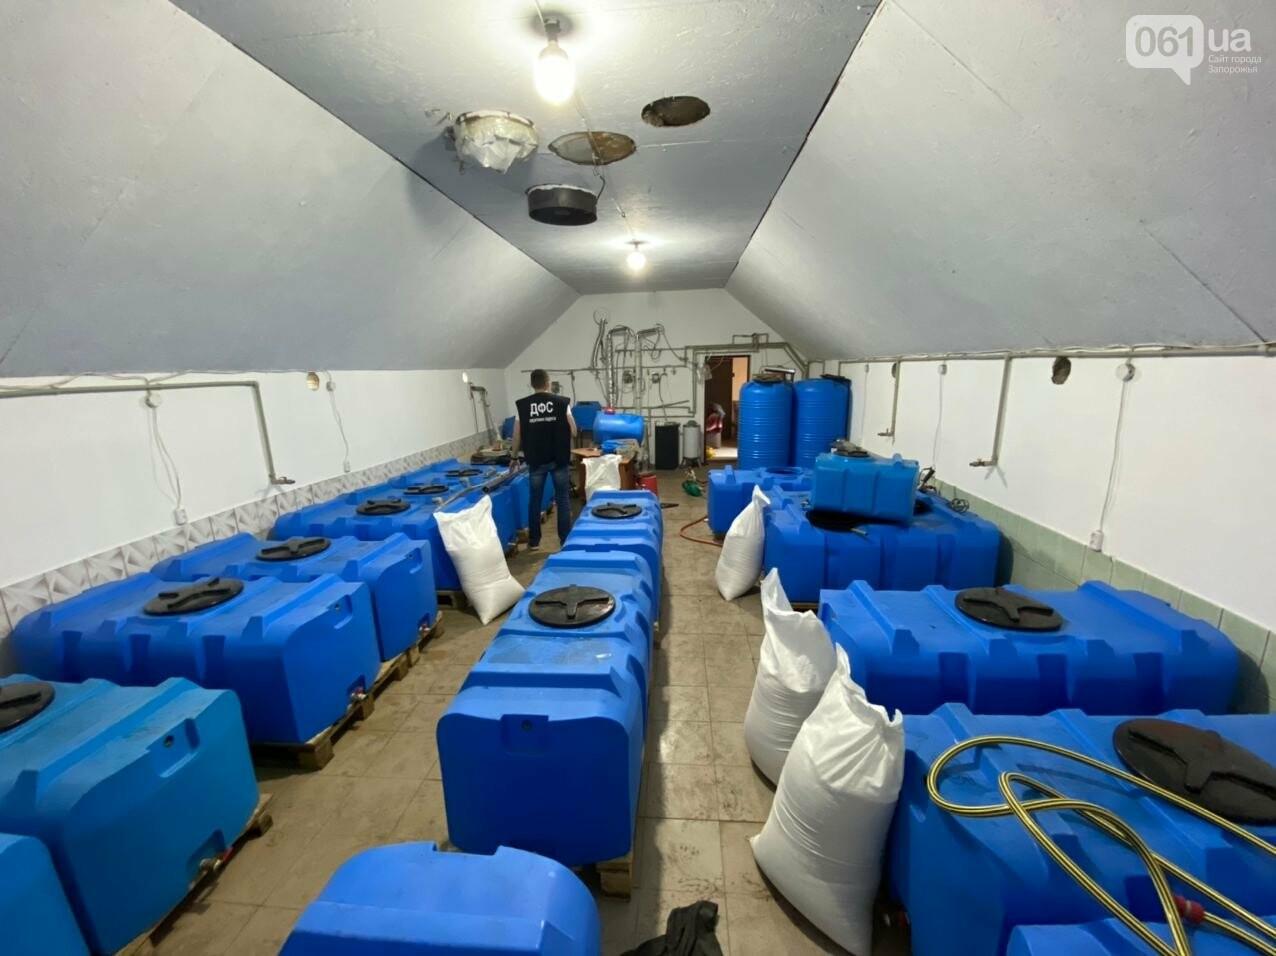 В Запорожской области накрыли подпольный цех по производству алкоголя, - ФОТО, фото-5